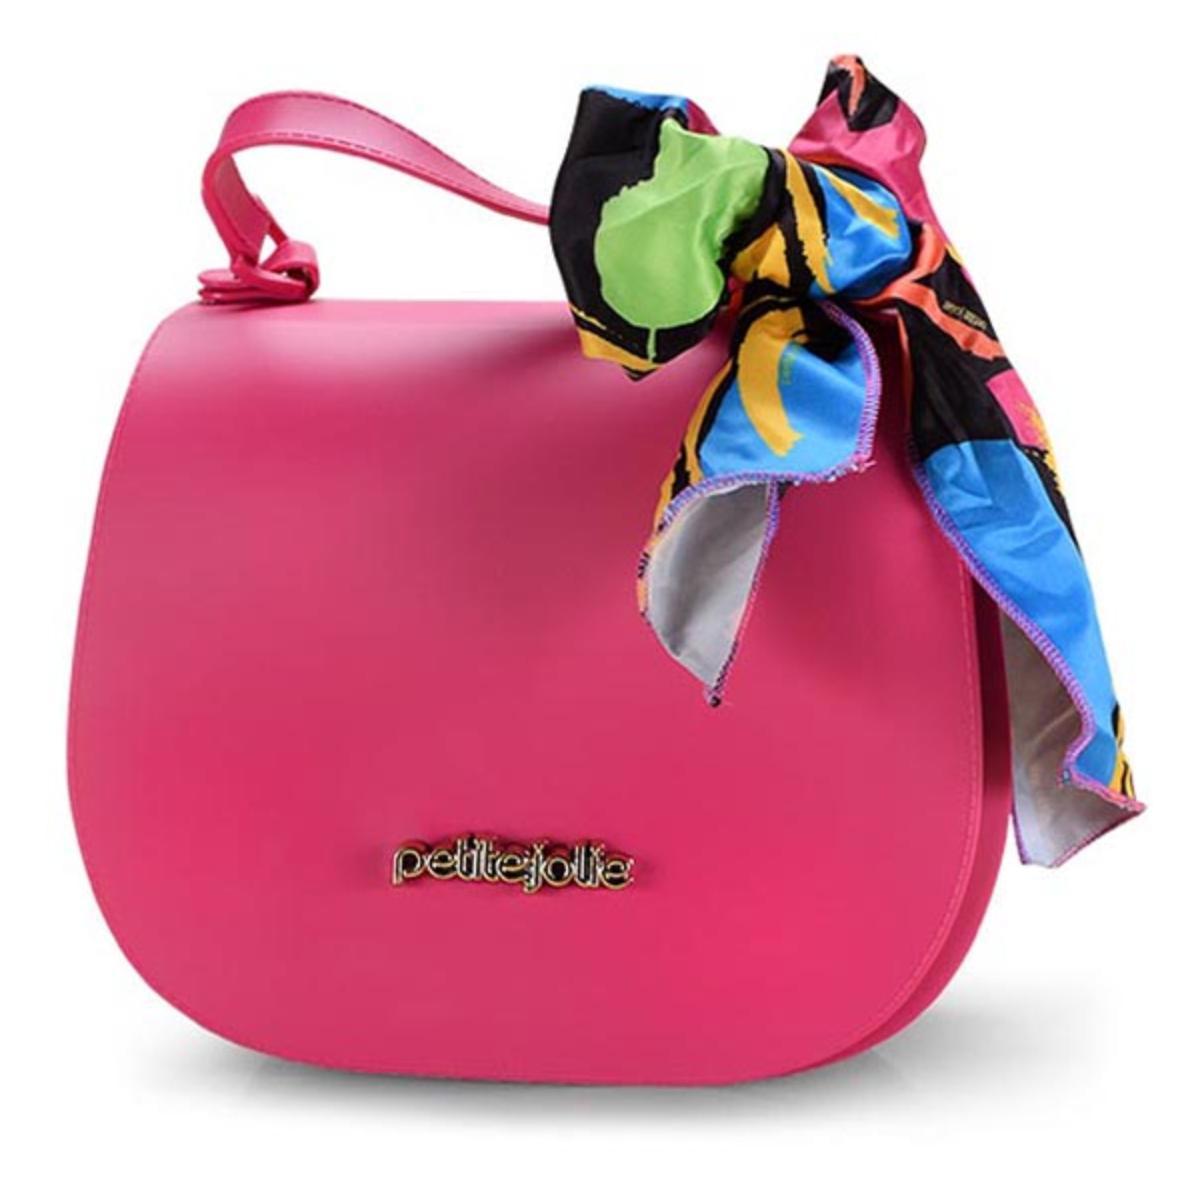 Bolsa Feminina Petite Jolie Pj4360 Pink/preto